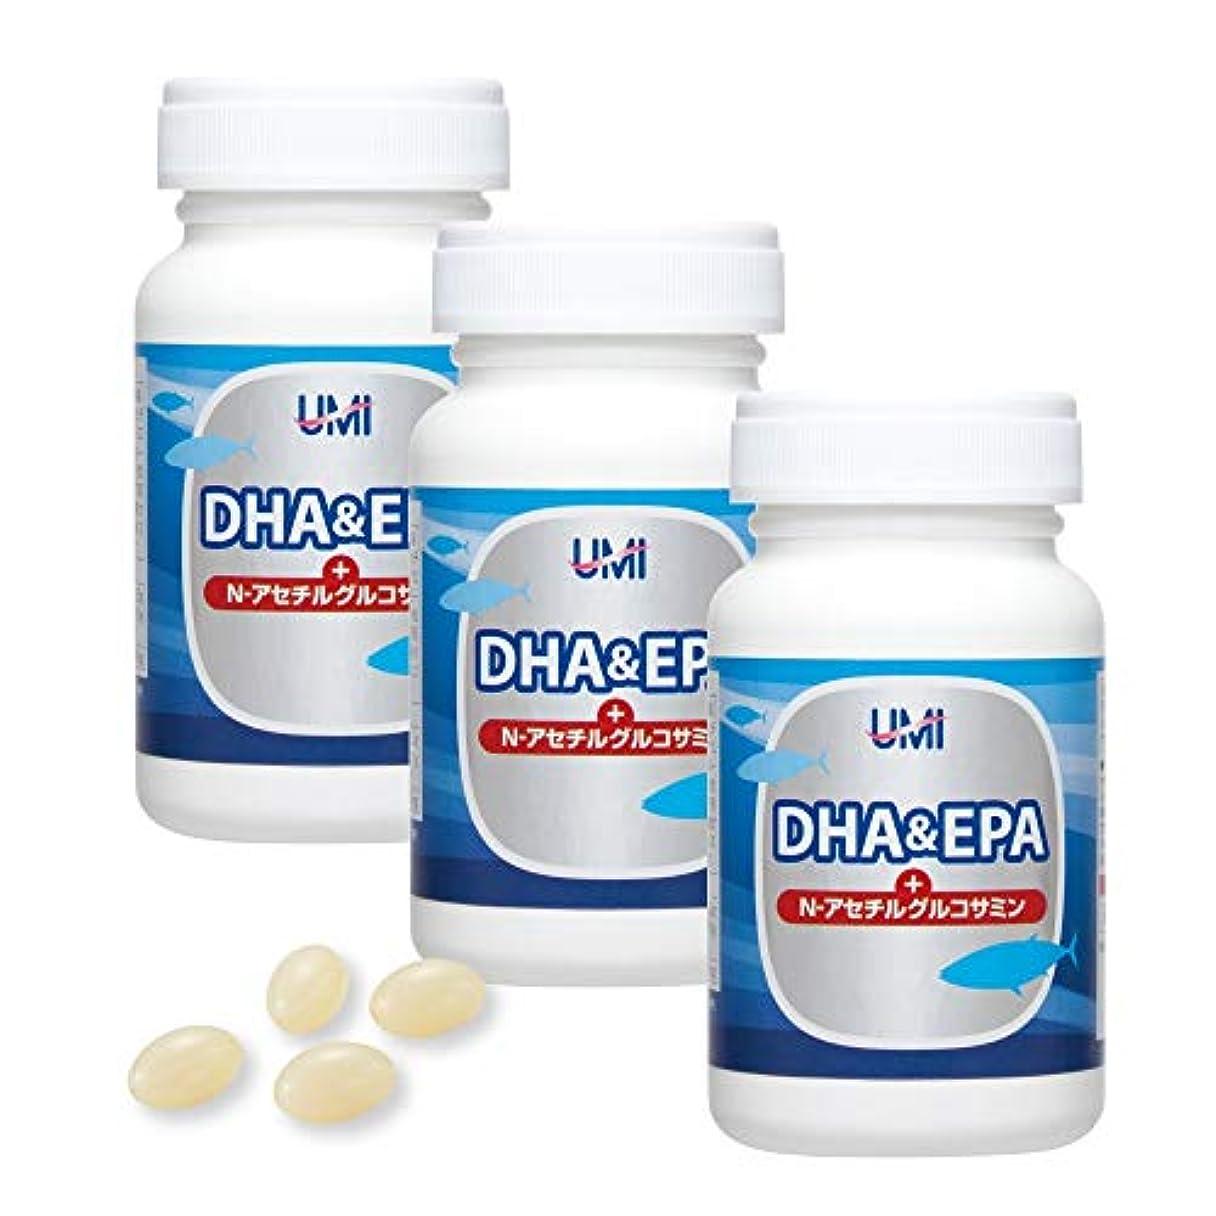 シプリー耐える行進DHA&EPA+N-アセチルグルコサミン 3本セット360粒(1本120粒入り)